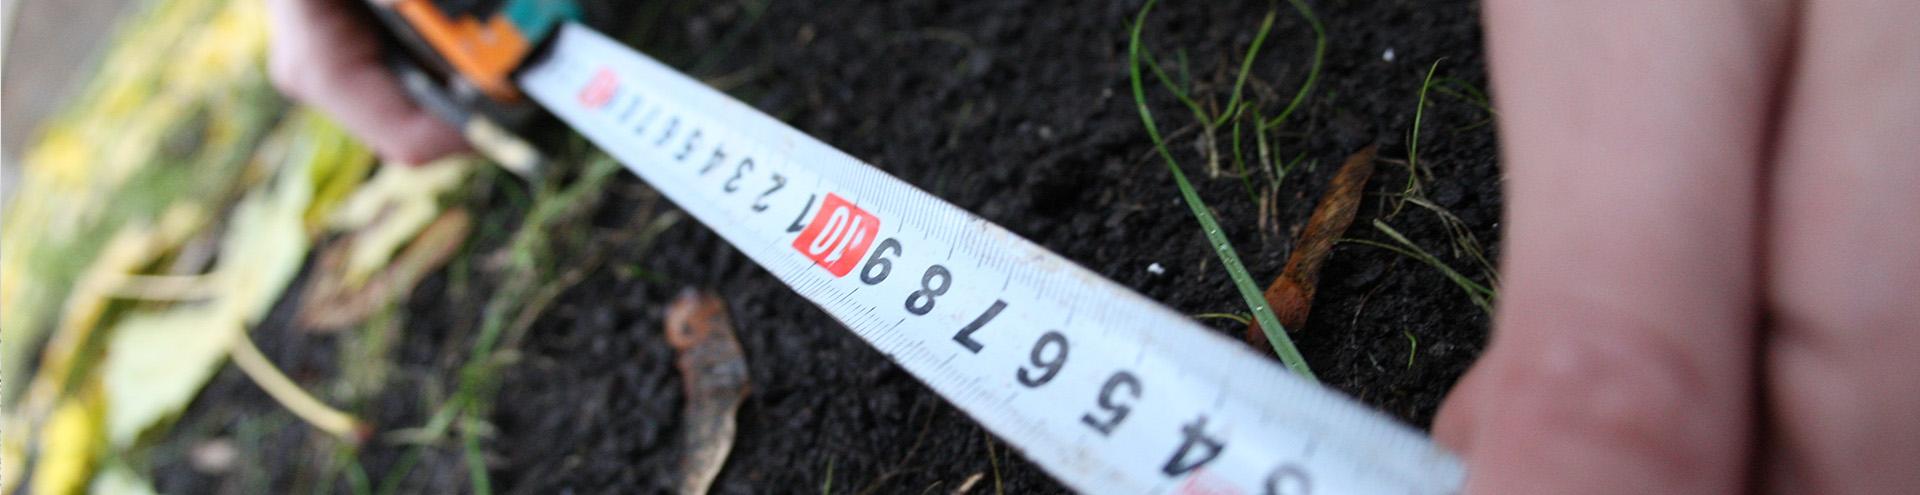 Оспаривание кадастровой стоимости земельного участка в Ижевске